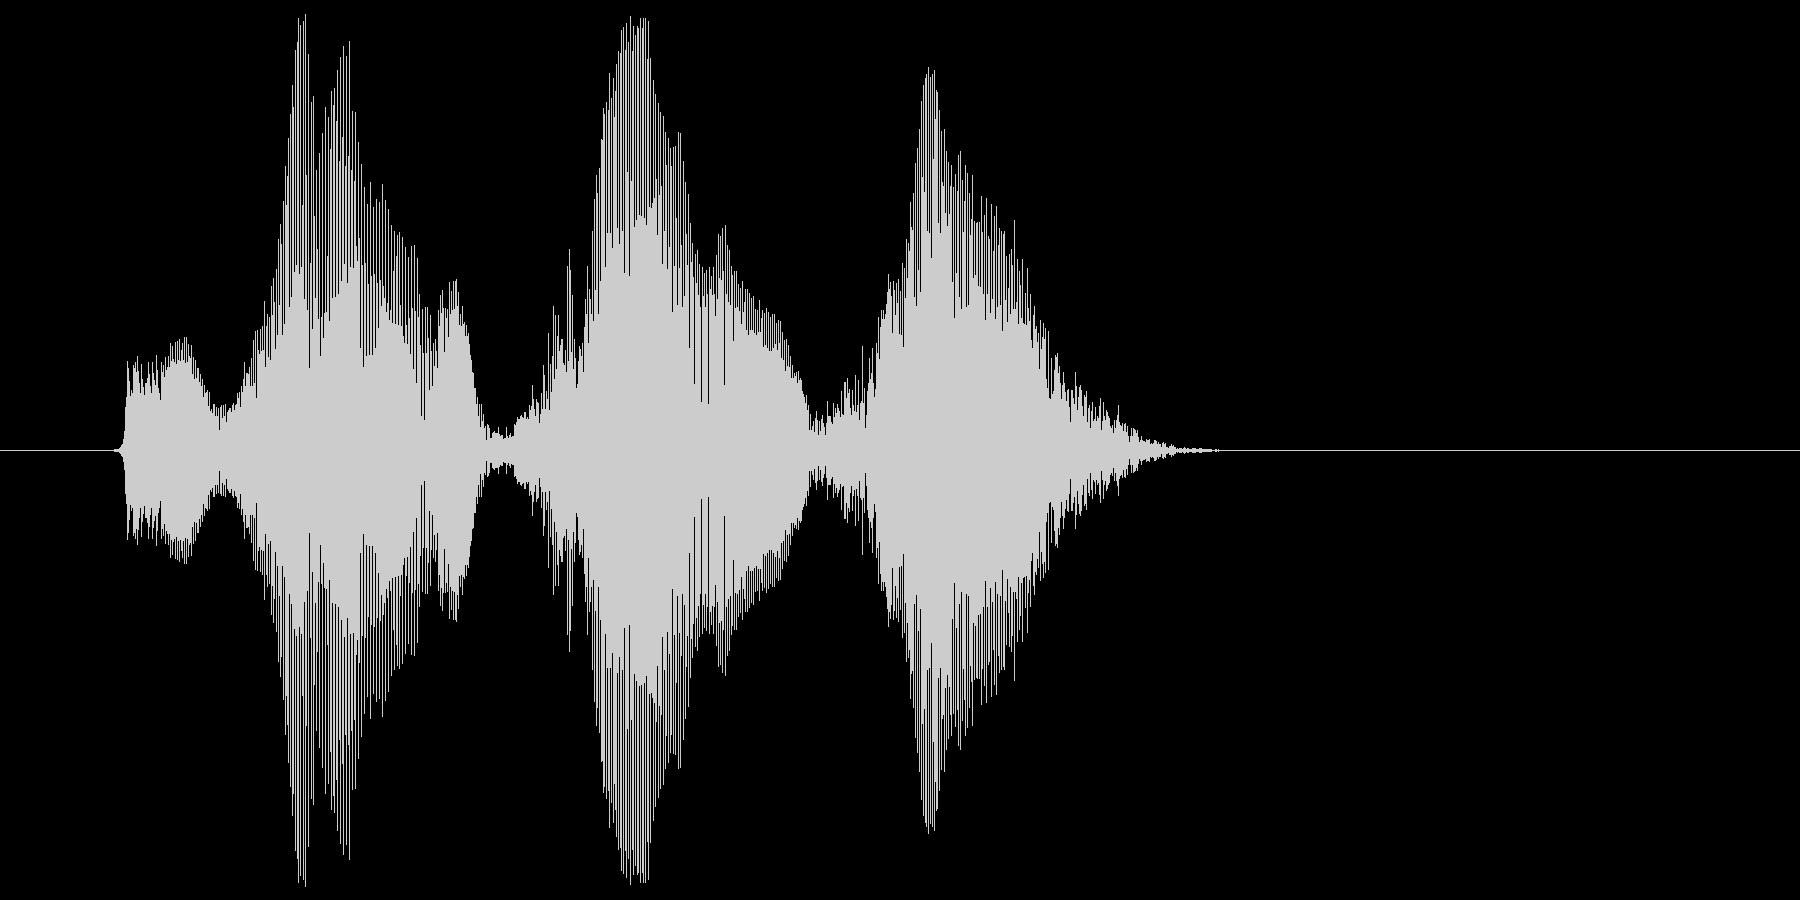 「ウハウハウハ」の未再生の波形